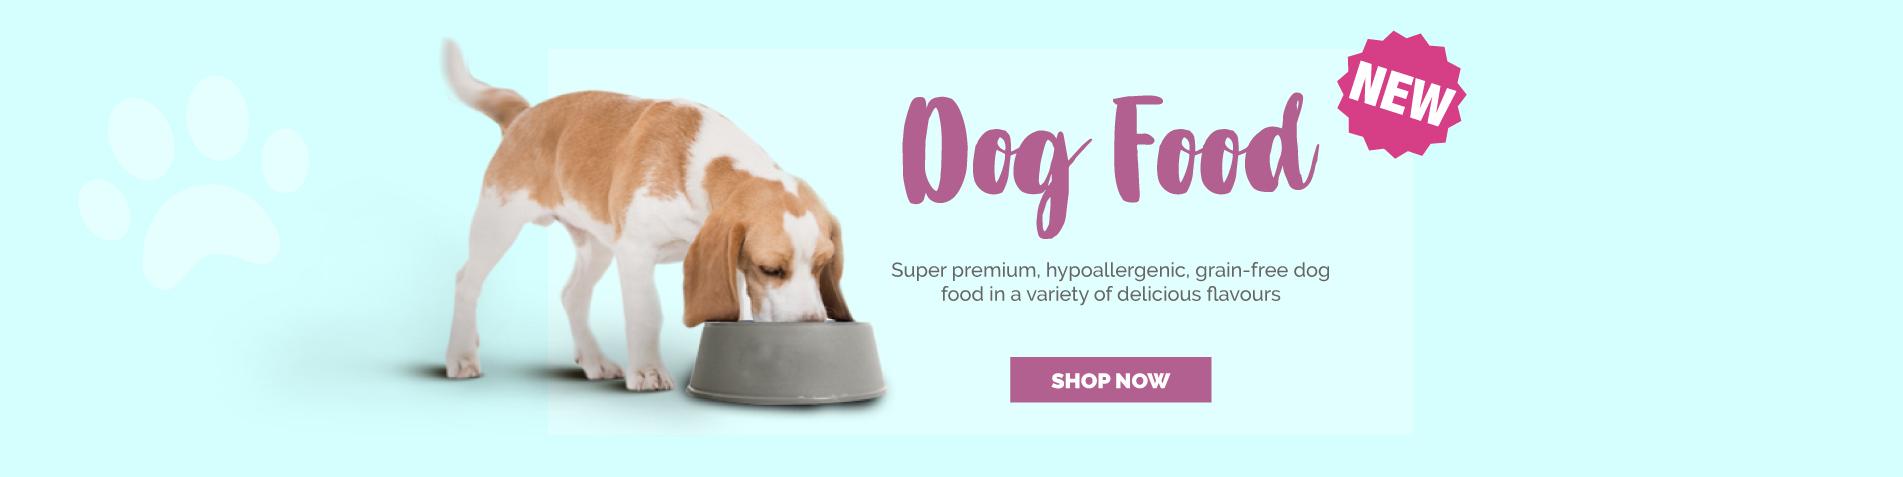 New VitaPaws Dog Food